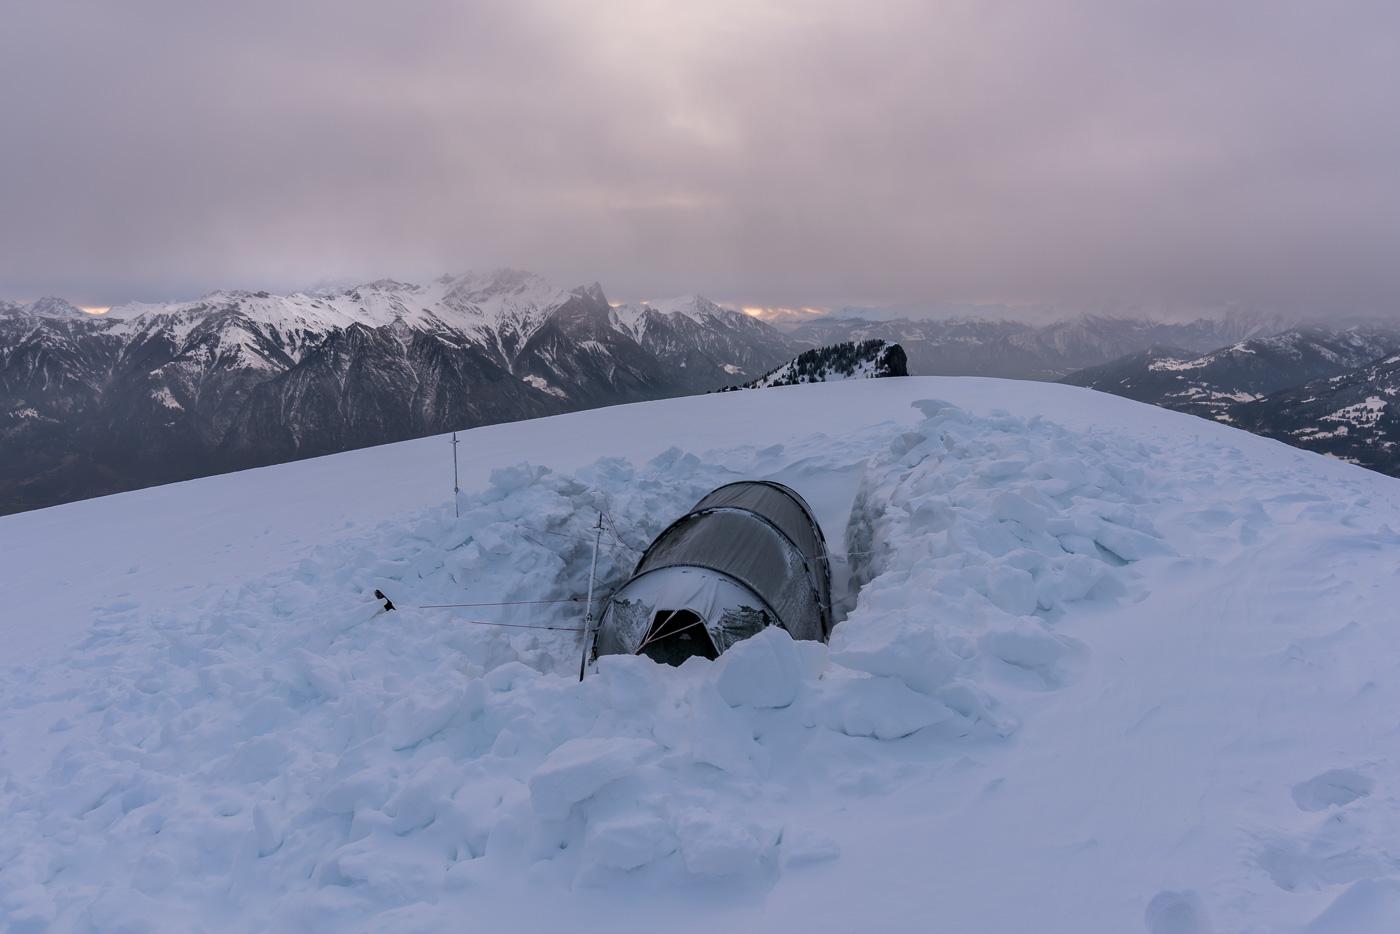 Eine Vertiefung für das Zelt zu graben bedingt sehr viel Aufwand.